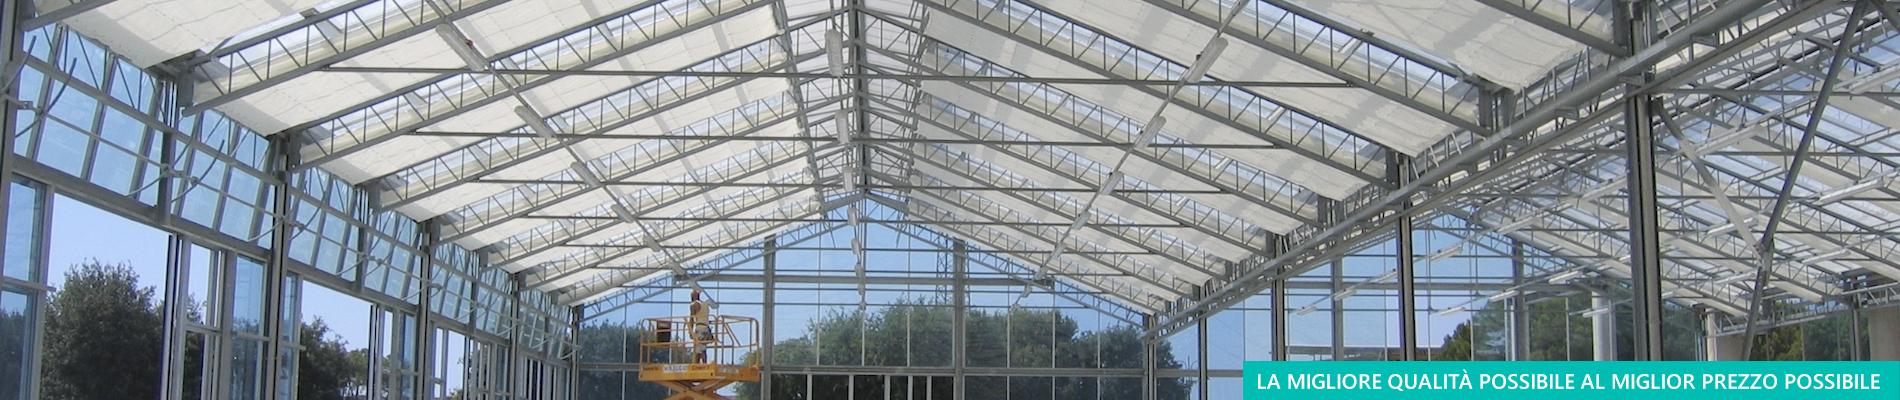 Vendita di schermi termici per colture protette - Aduno srl